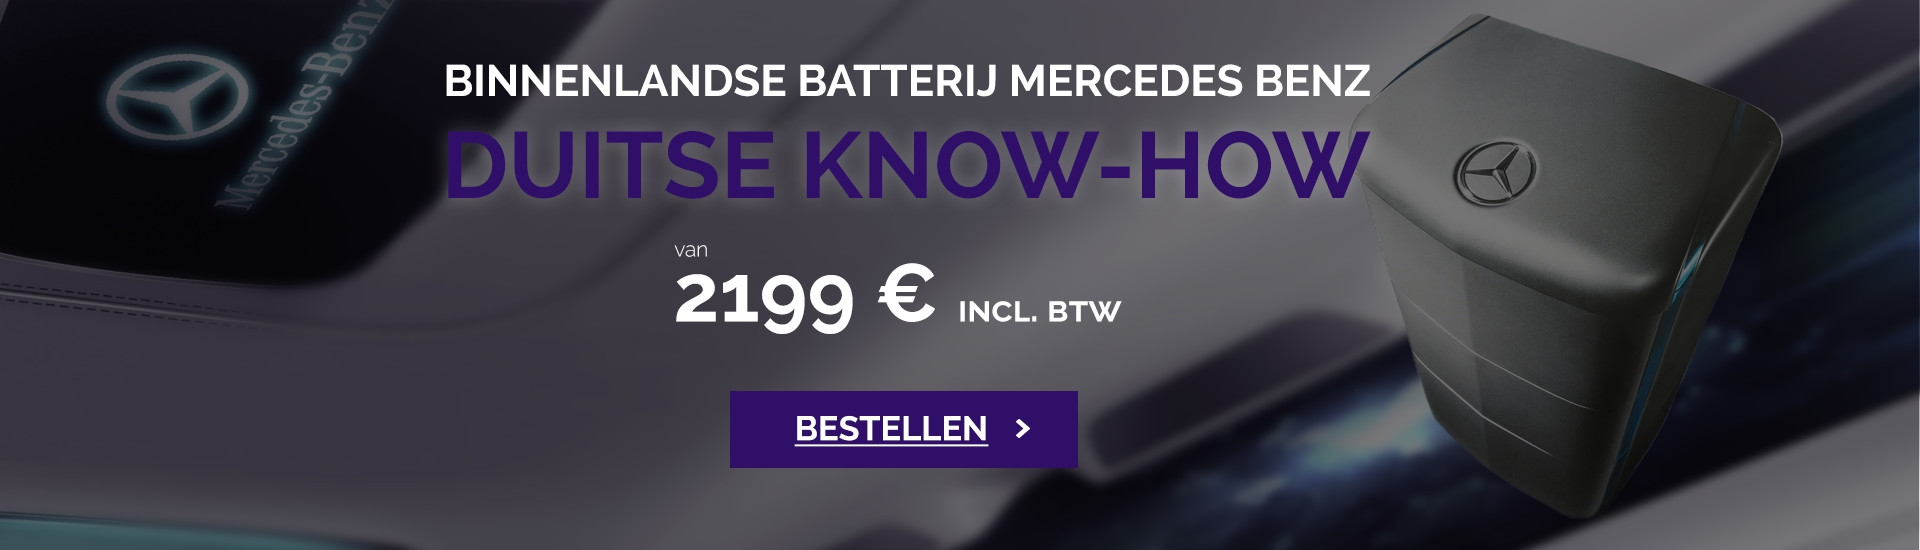 Mercedes Benz Home storage